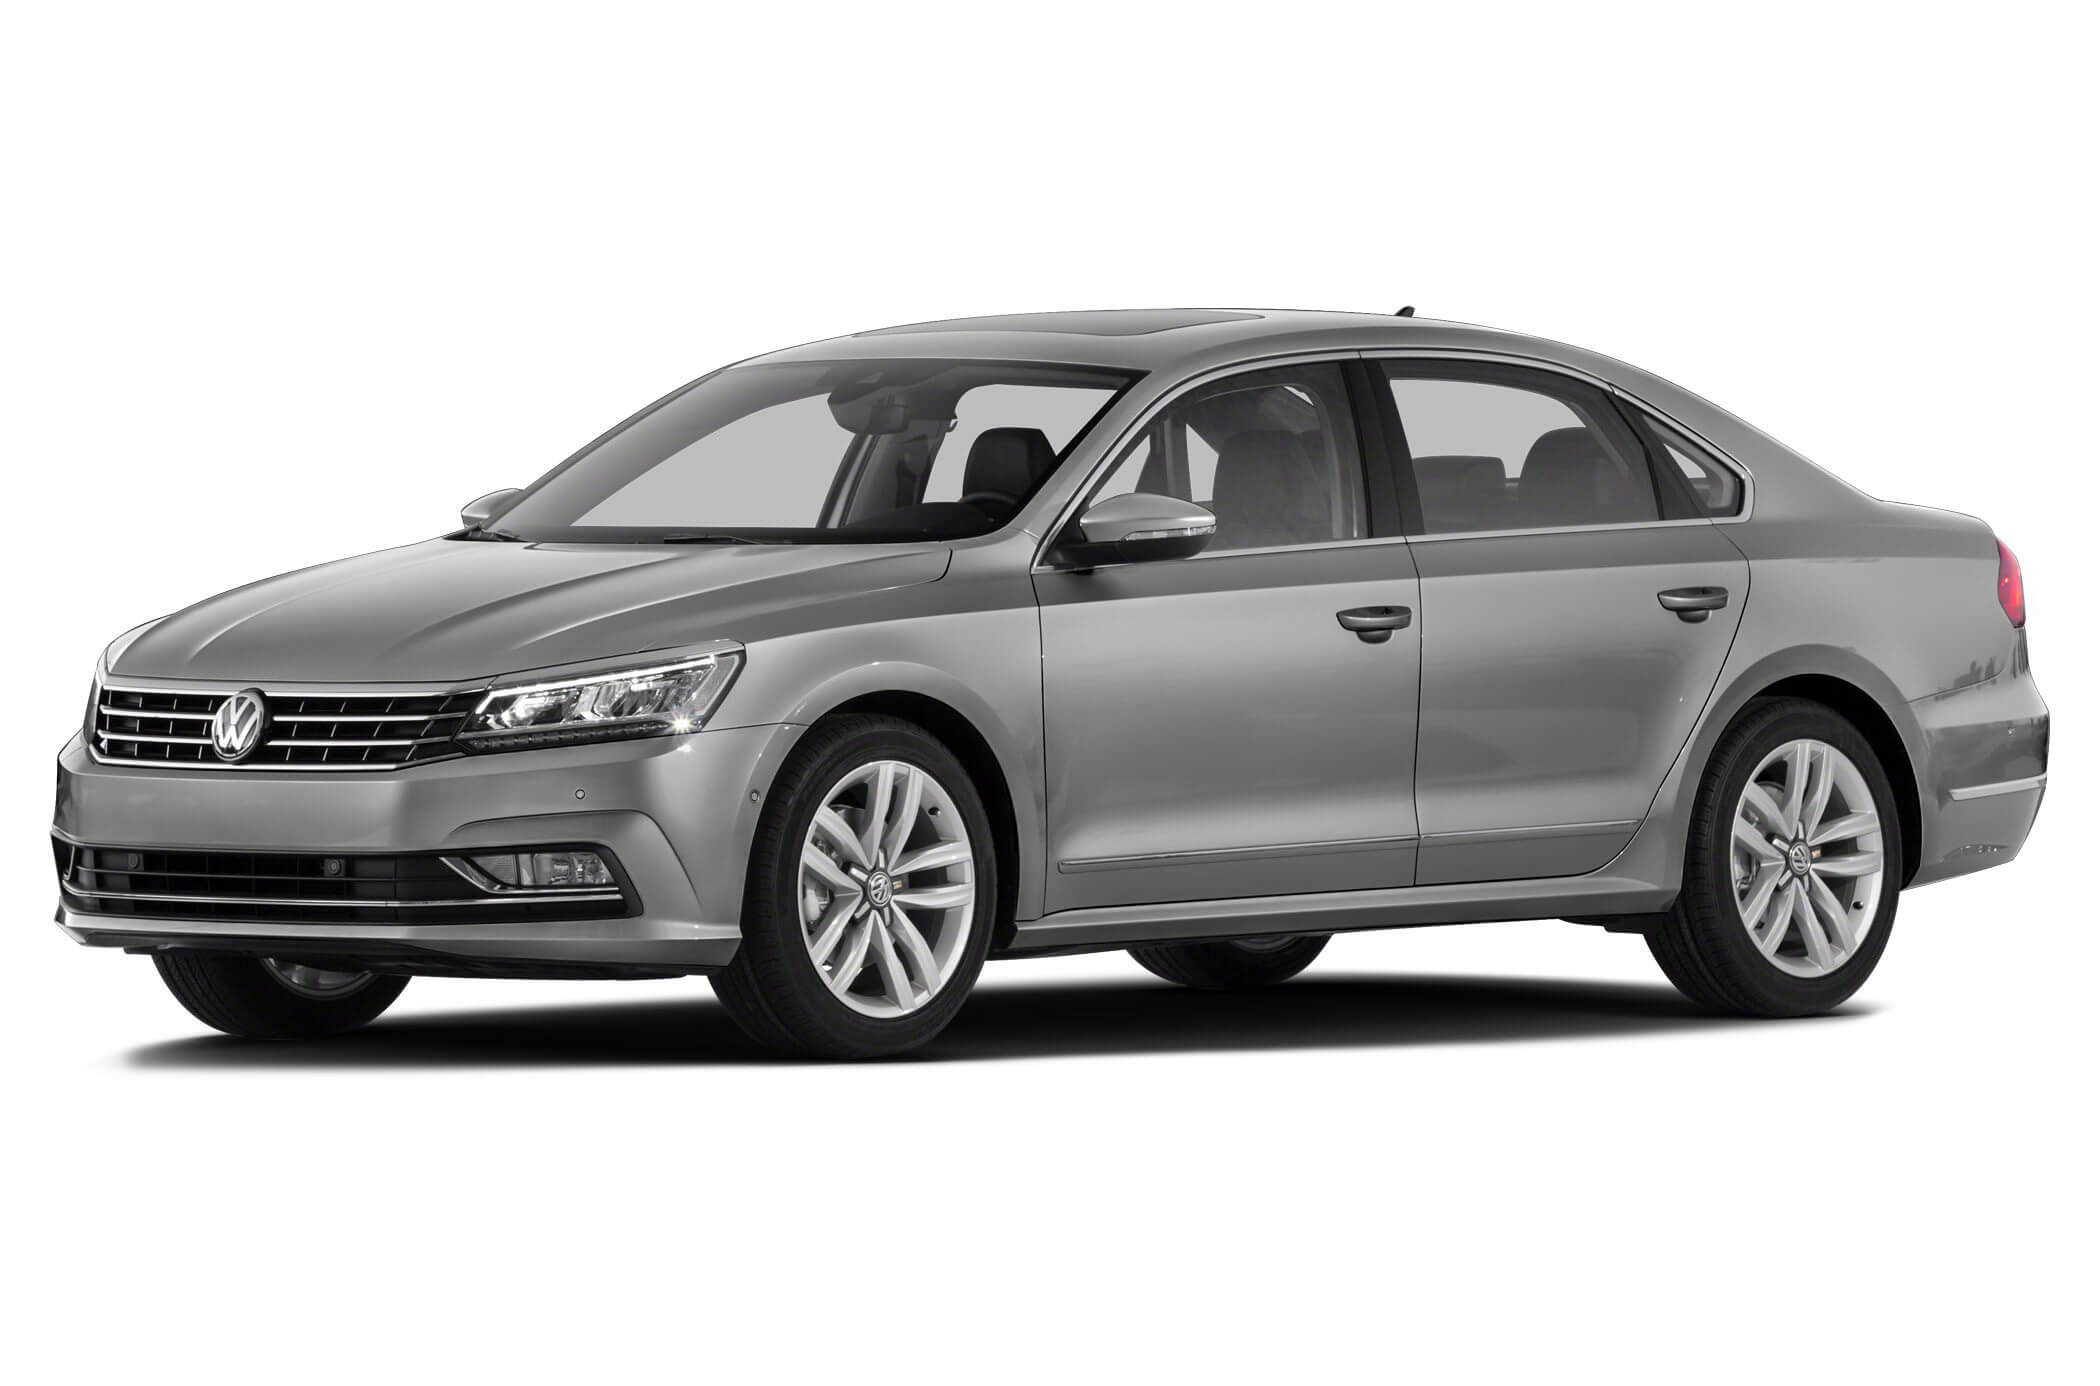 Volkswagen Passat Rent in Klaipėda